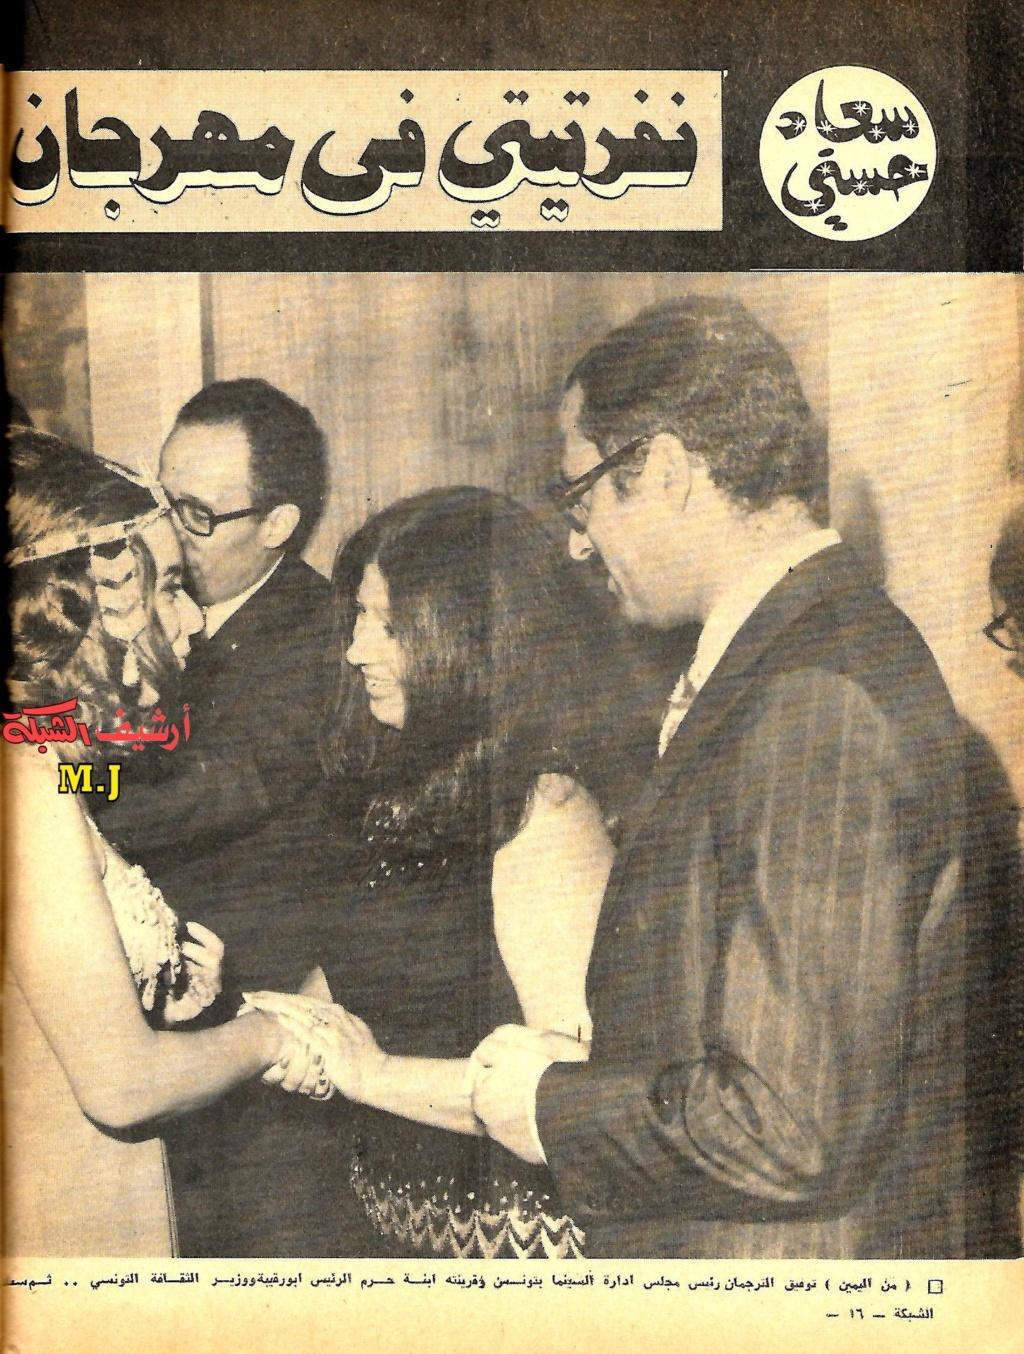 حوار صحفي : سعاد حسني .. نفرتيتي في مهرجان تونس 1970 م 112